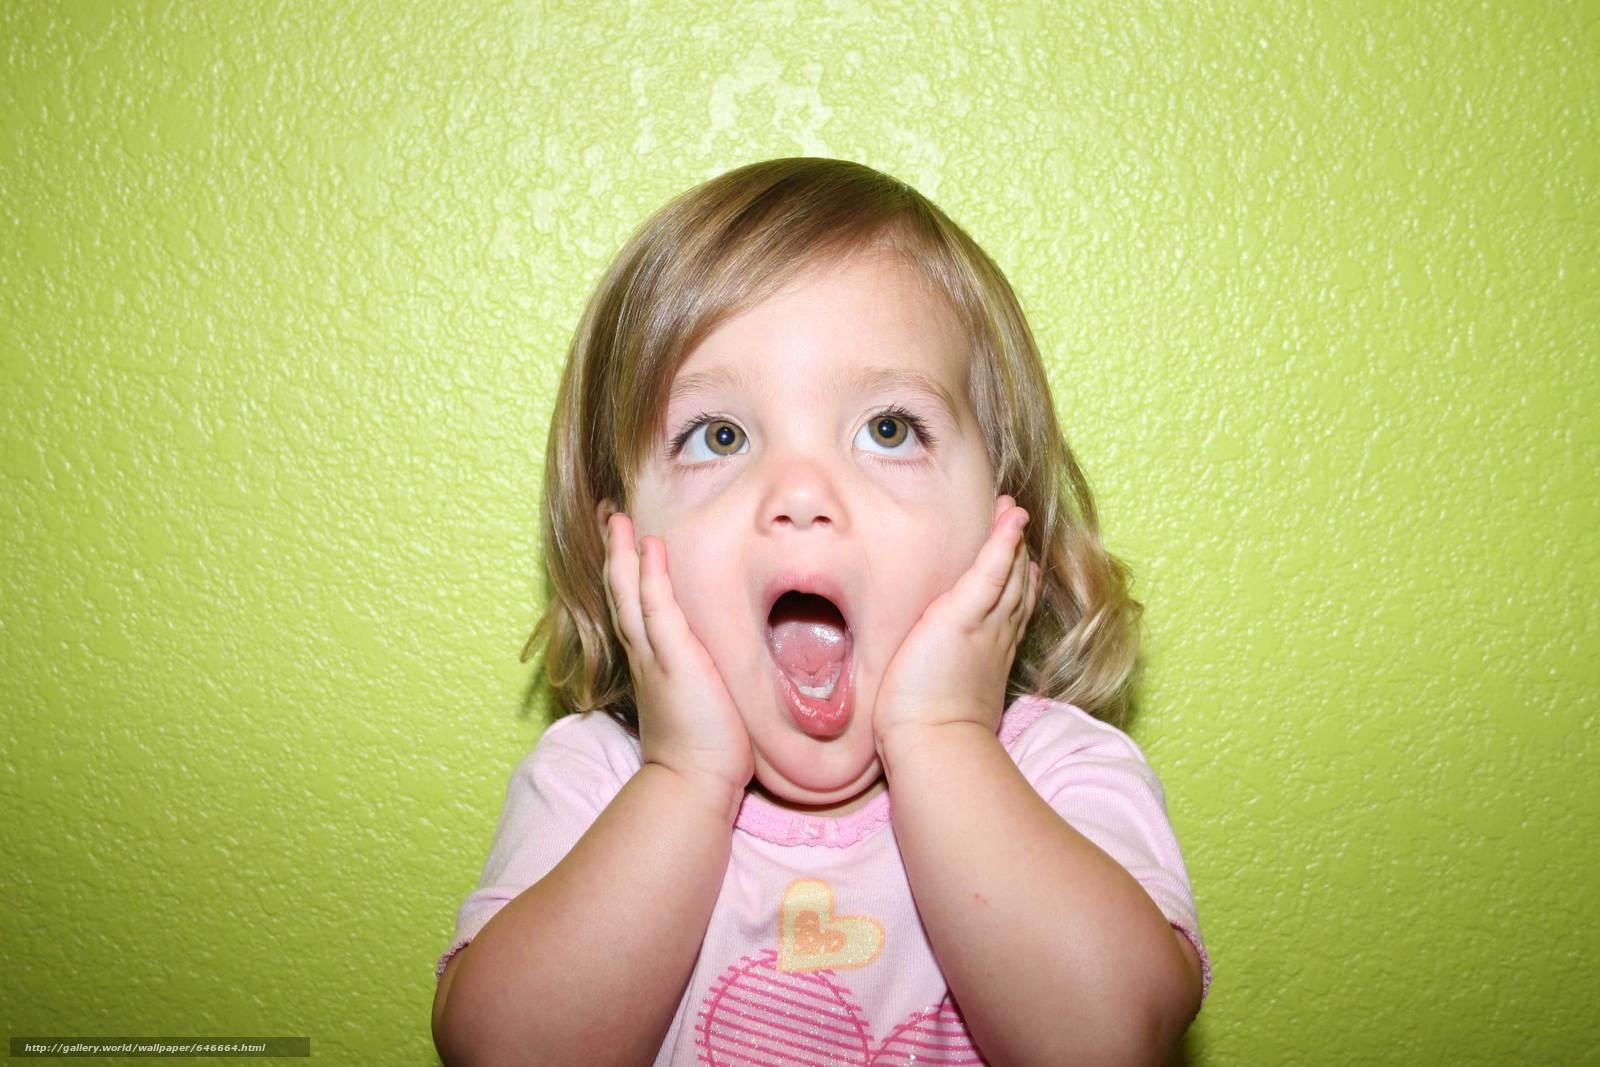 Скачать обои девочка,  девочки,  дети,  ребенок бесплатно для рабочего стола в разрешении 3504x2336 — картинка №646664